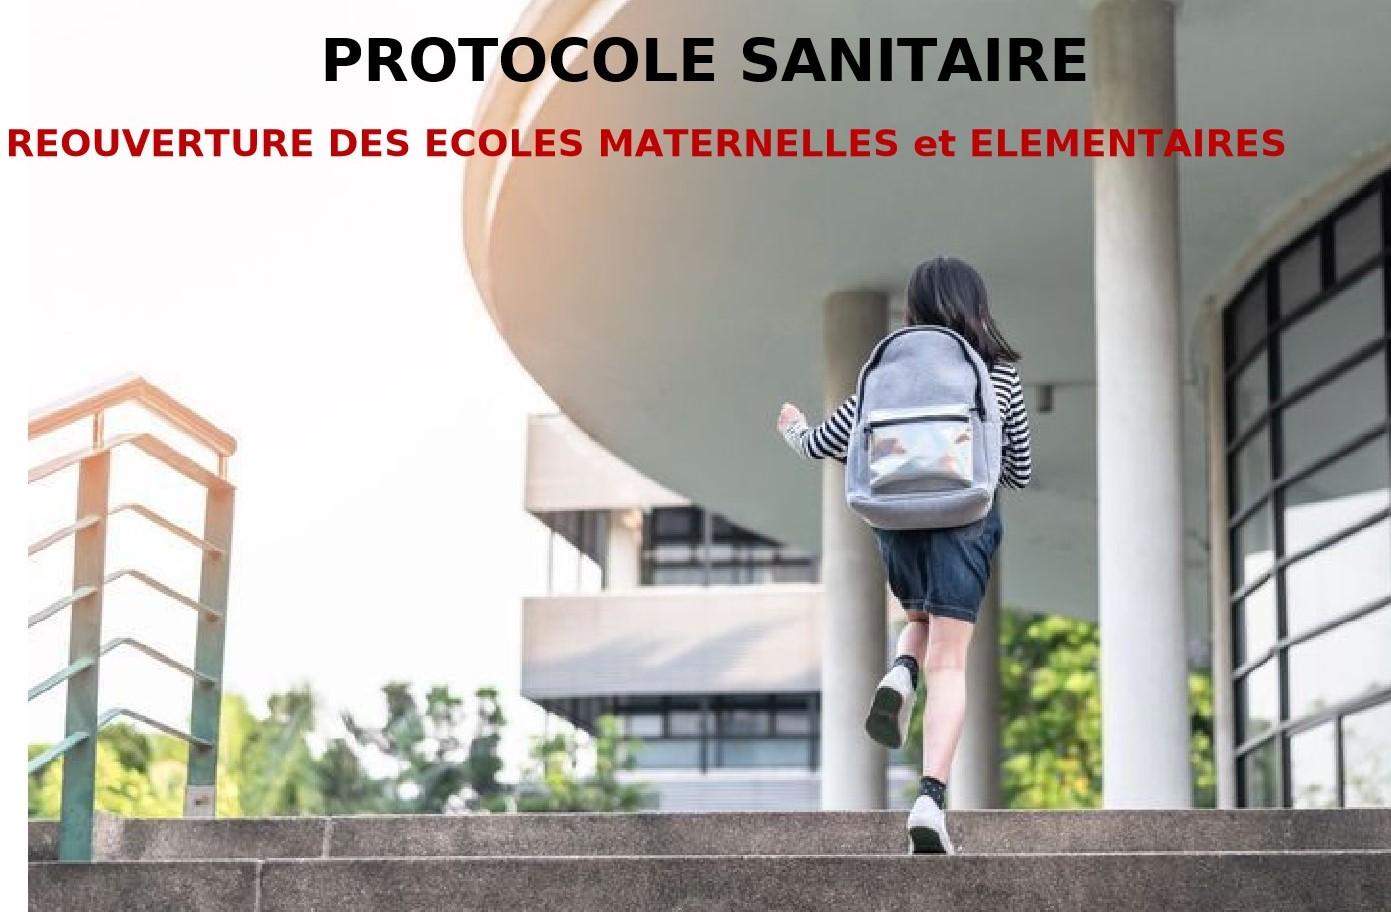 PROTOCOLE SANITAIRE REOUVERTURE DES ECOLES MATERNELLES Et ELEMENTAIRES